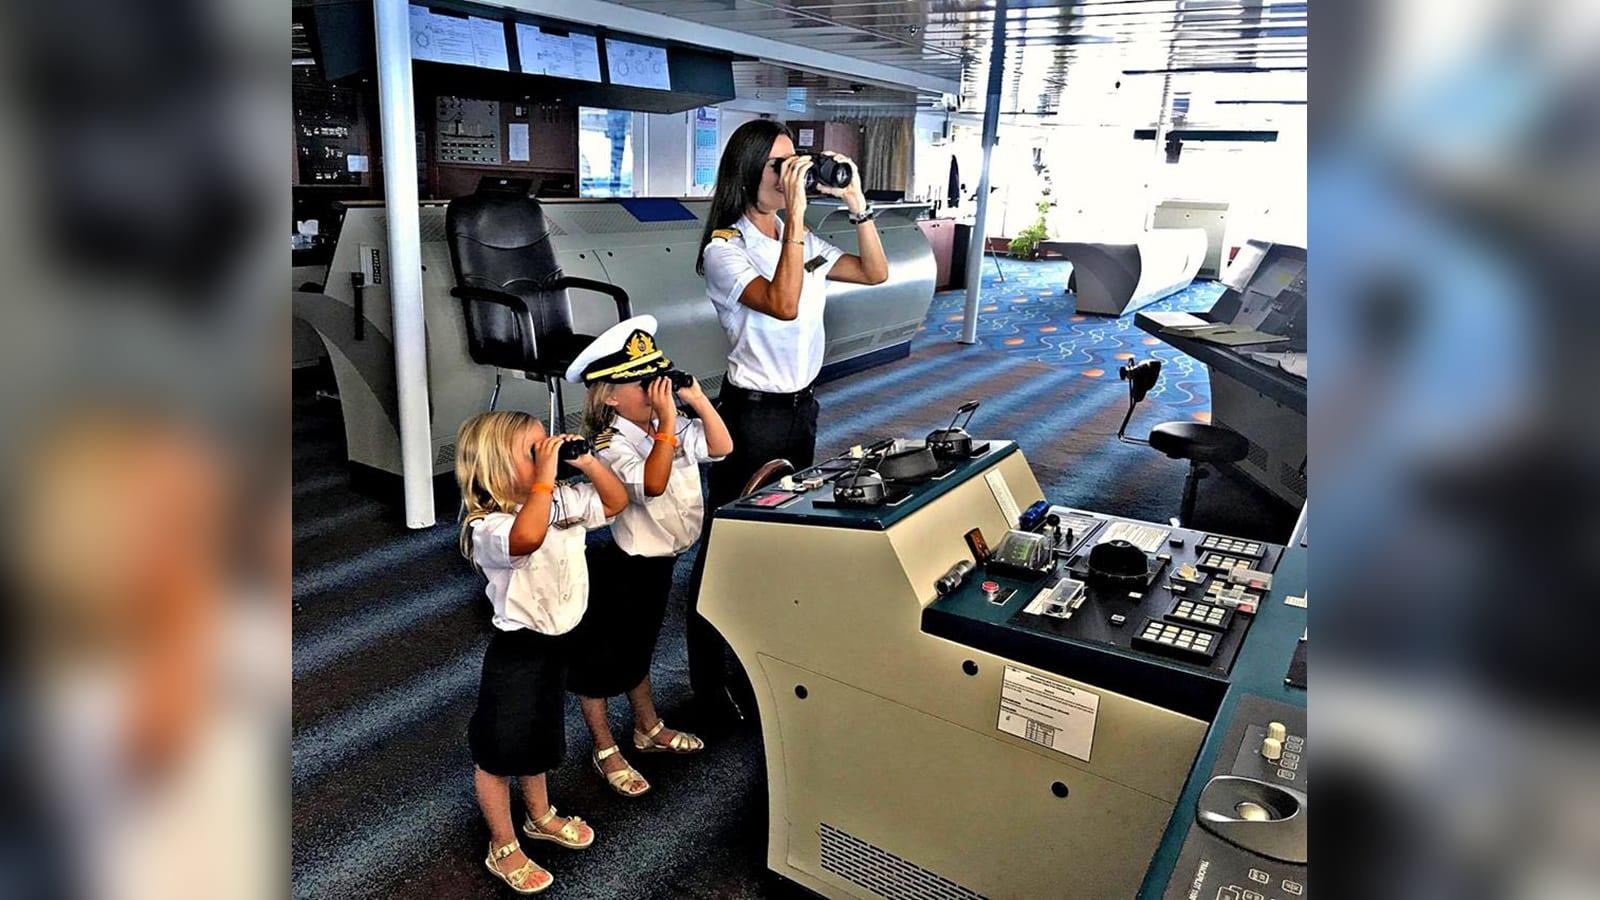 """على متن """"مدينة عائمة"""".. كيف هي الحياة كقبطانة سفينة سياحية بظل جائحة فيروس كورونا؟"""